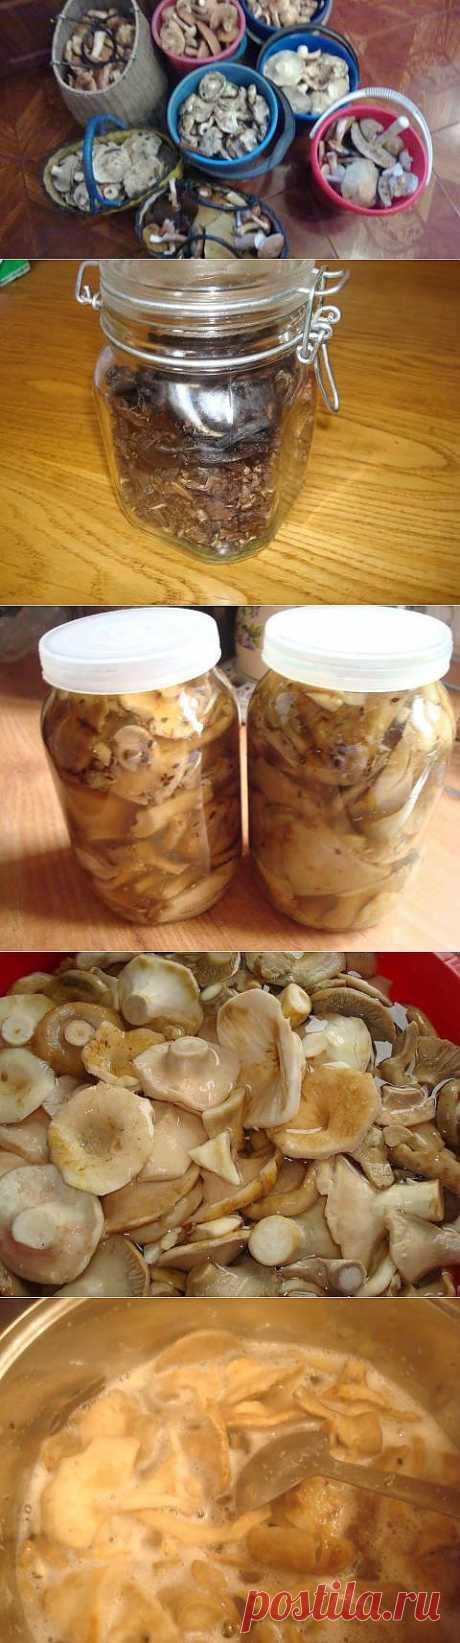 Заготовка грибов на зиму. Солим, сушим, маринуем | 4vkusa.ru